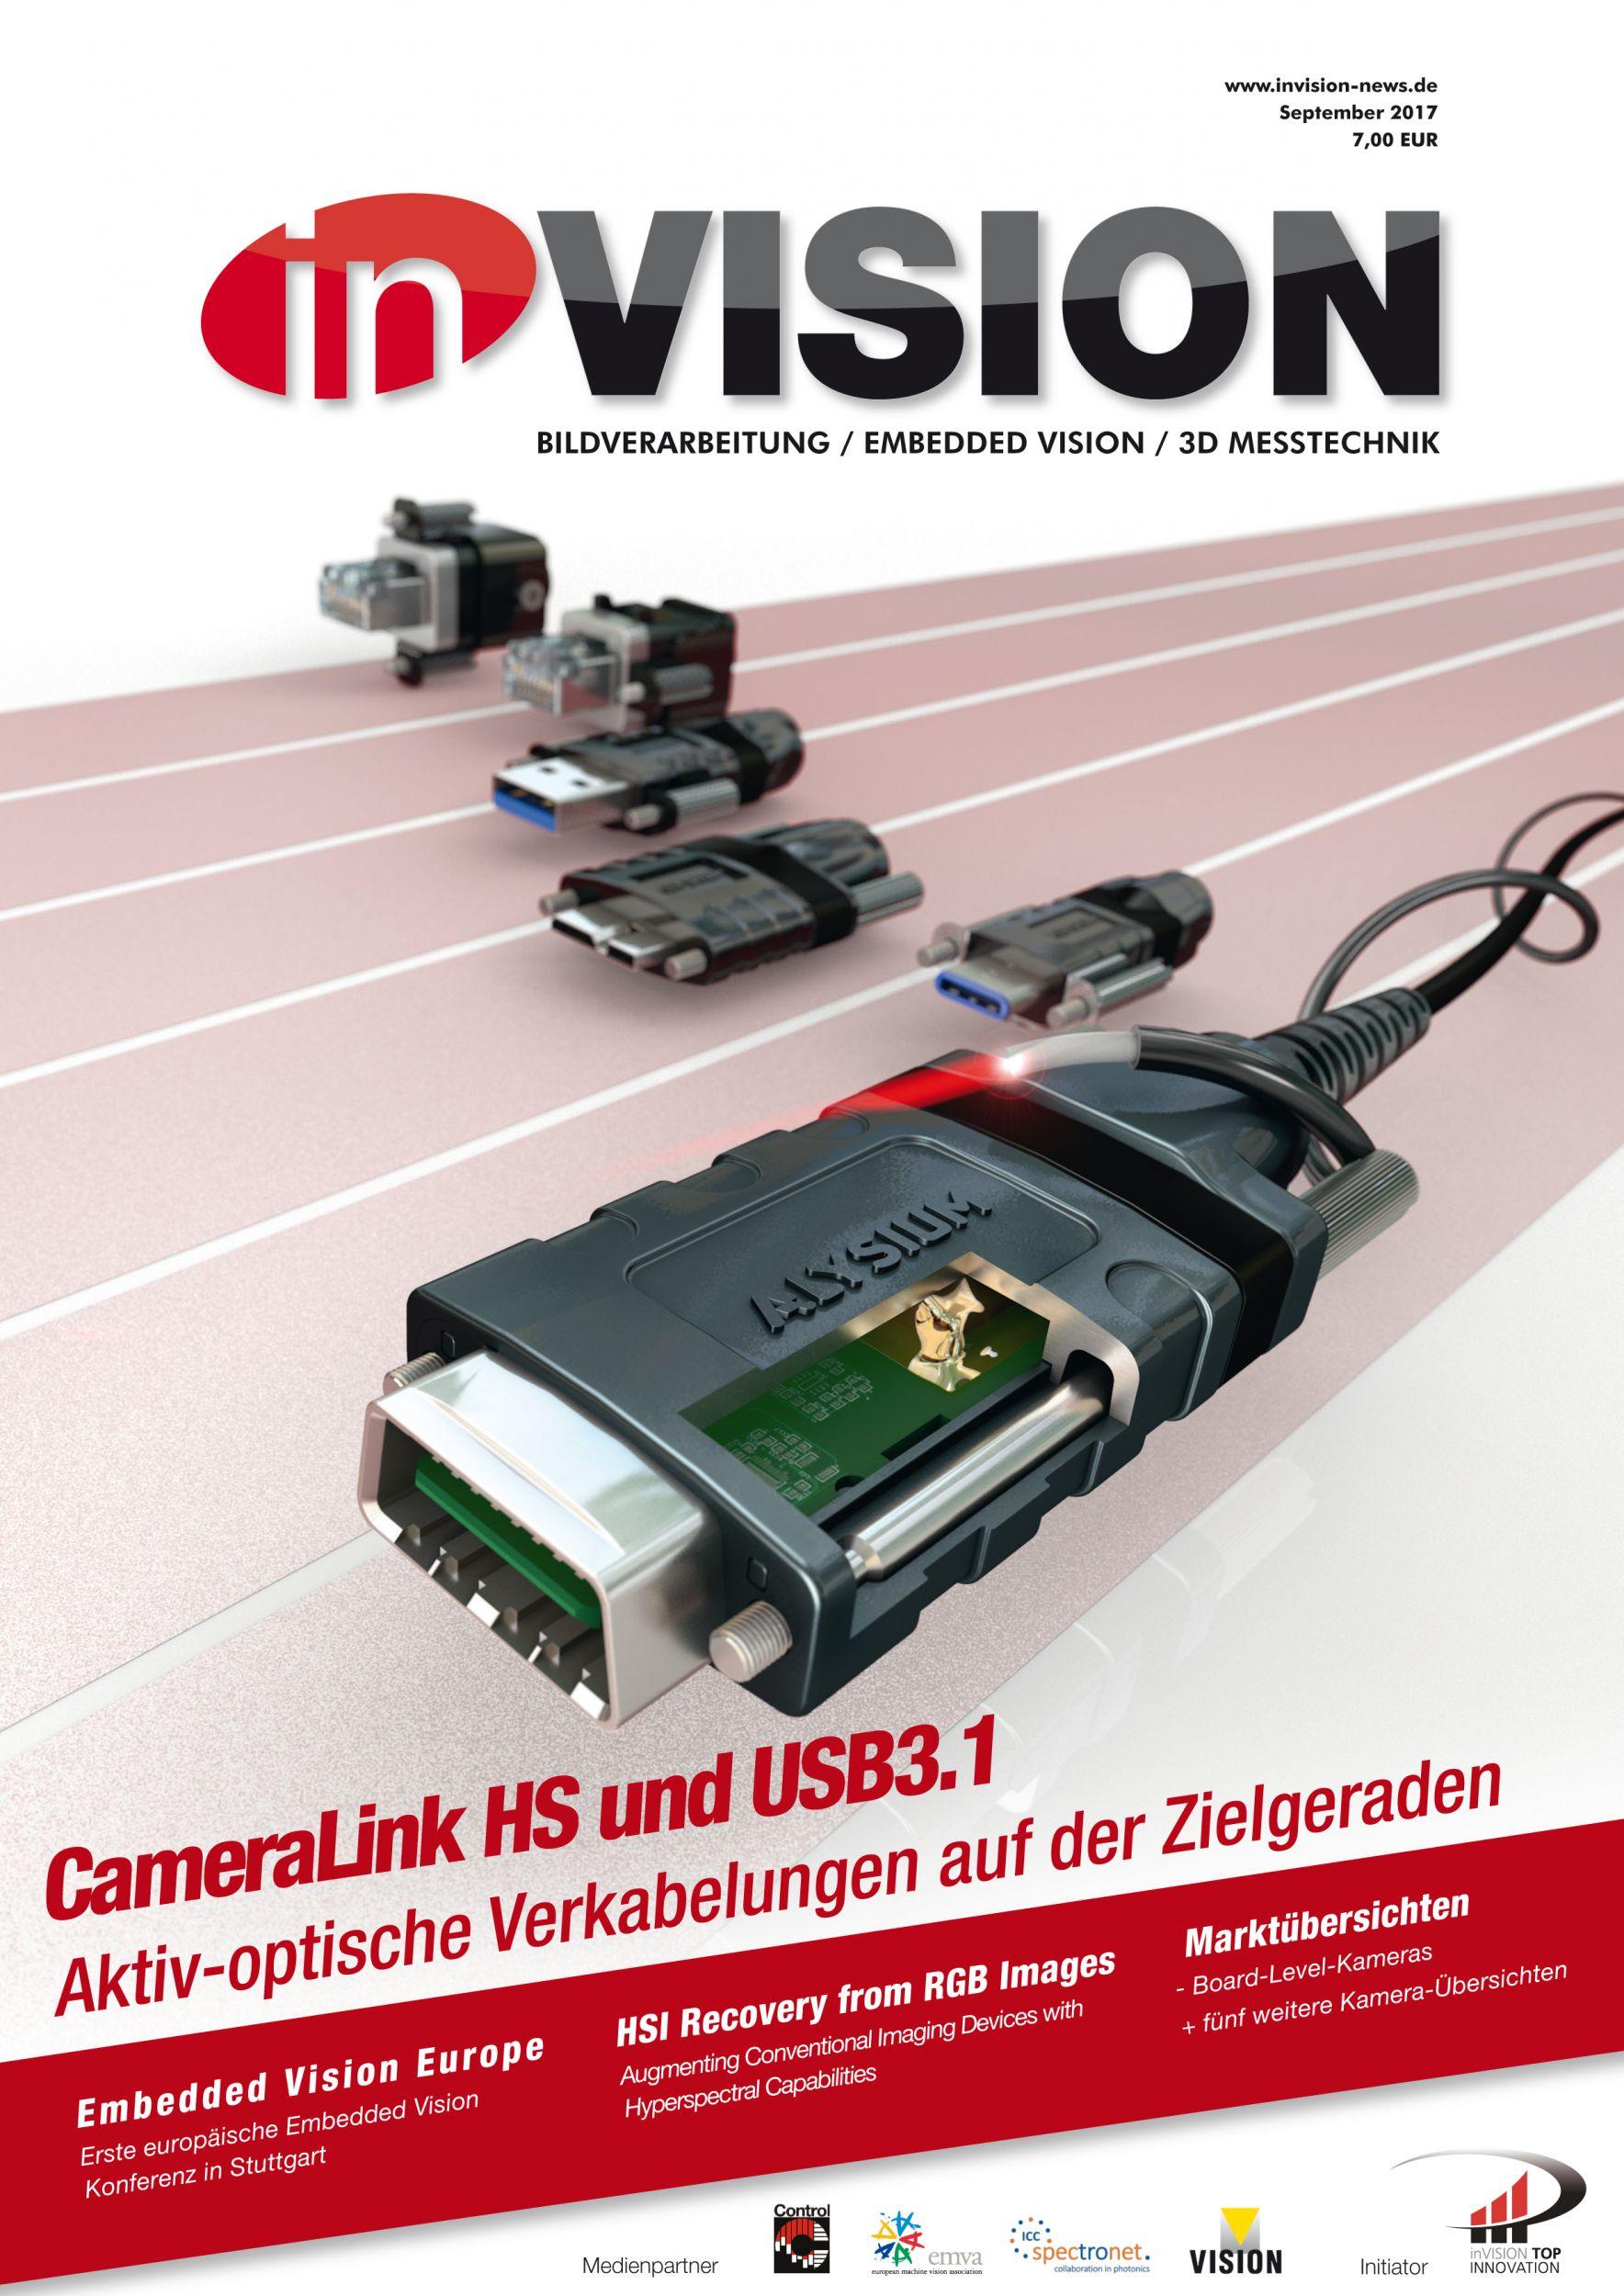 Kamera-Ausgabe der inVISION online